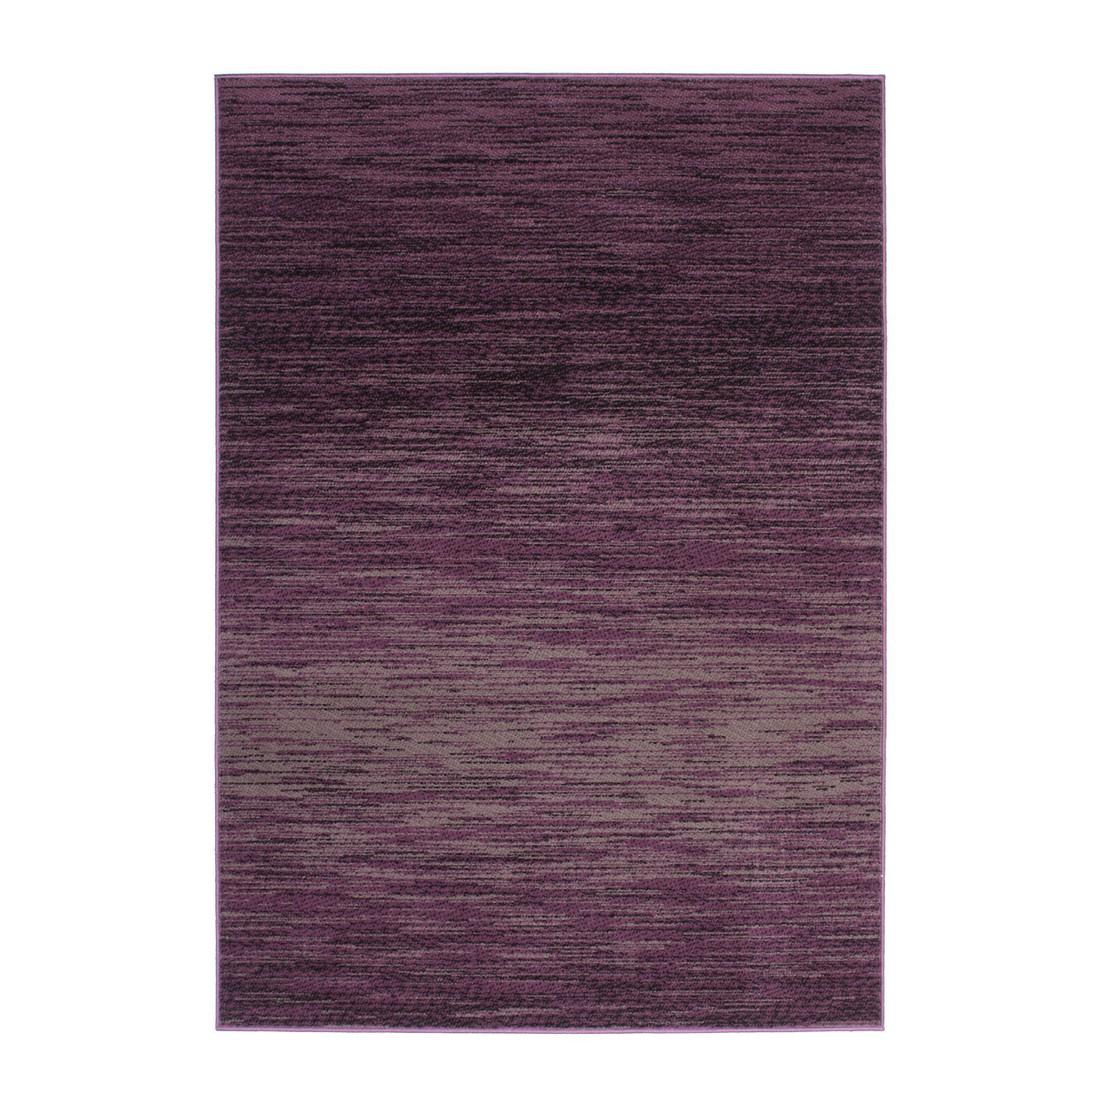 Teppich Funky 1933 – Violett – Maße: 160 x 230 cm, Kayoom jetzt kaufen